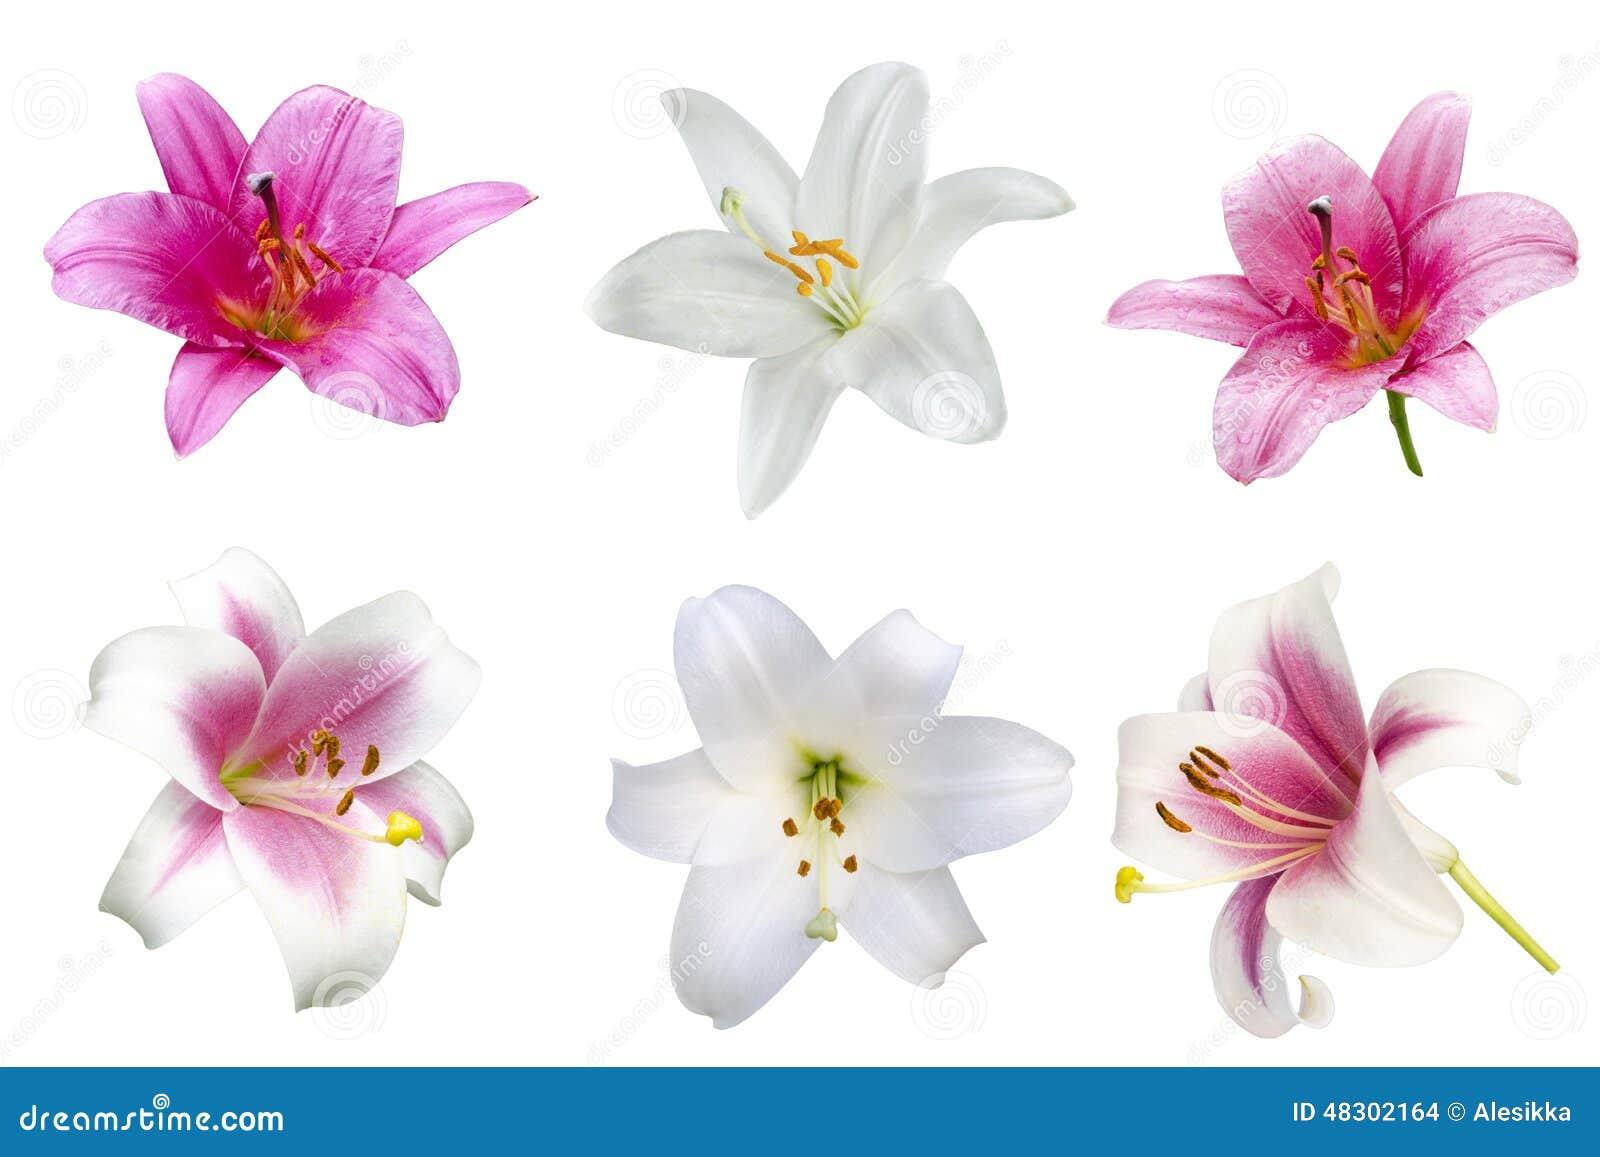 fleurs de vari t s de lis photo stock image du couleur 48302164. Black Bedroom Furniture Sets. Home Design Ideas